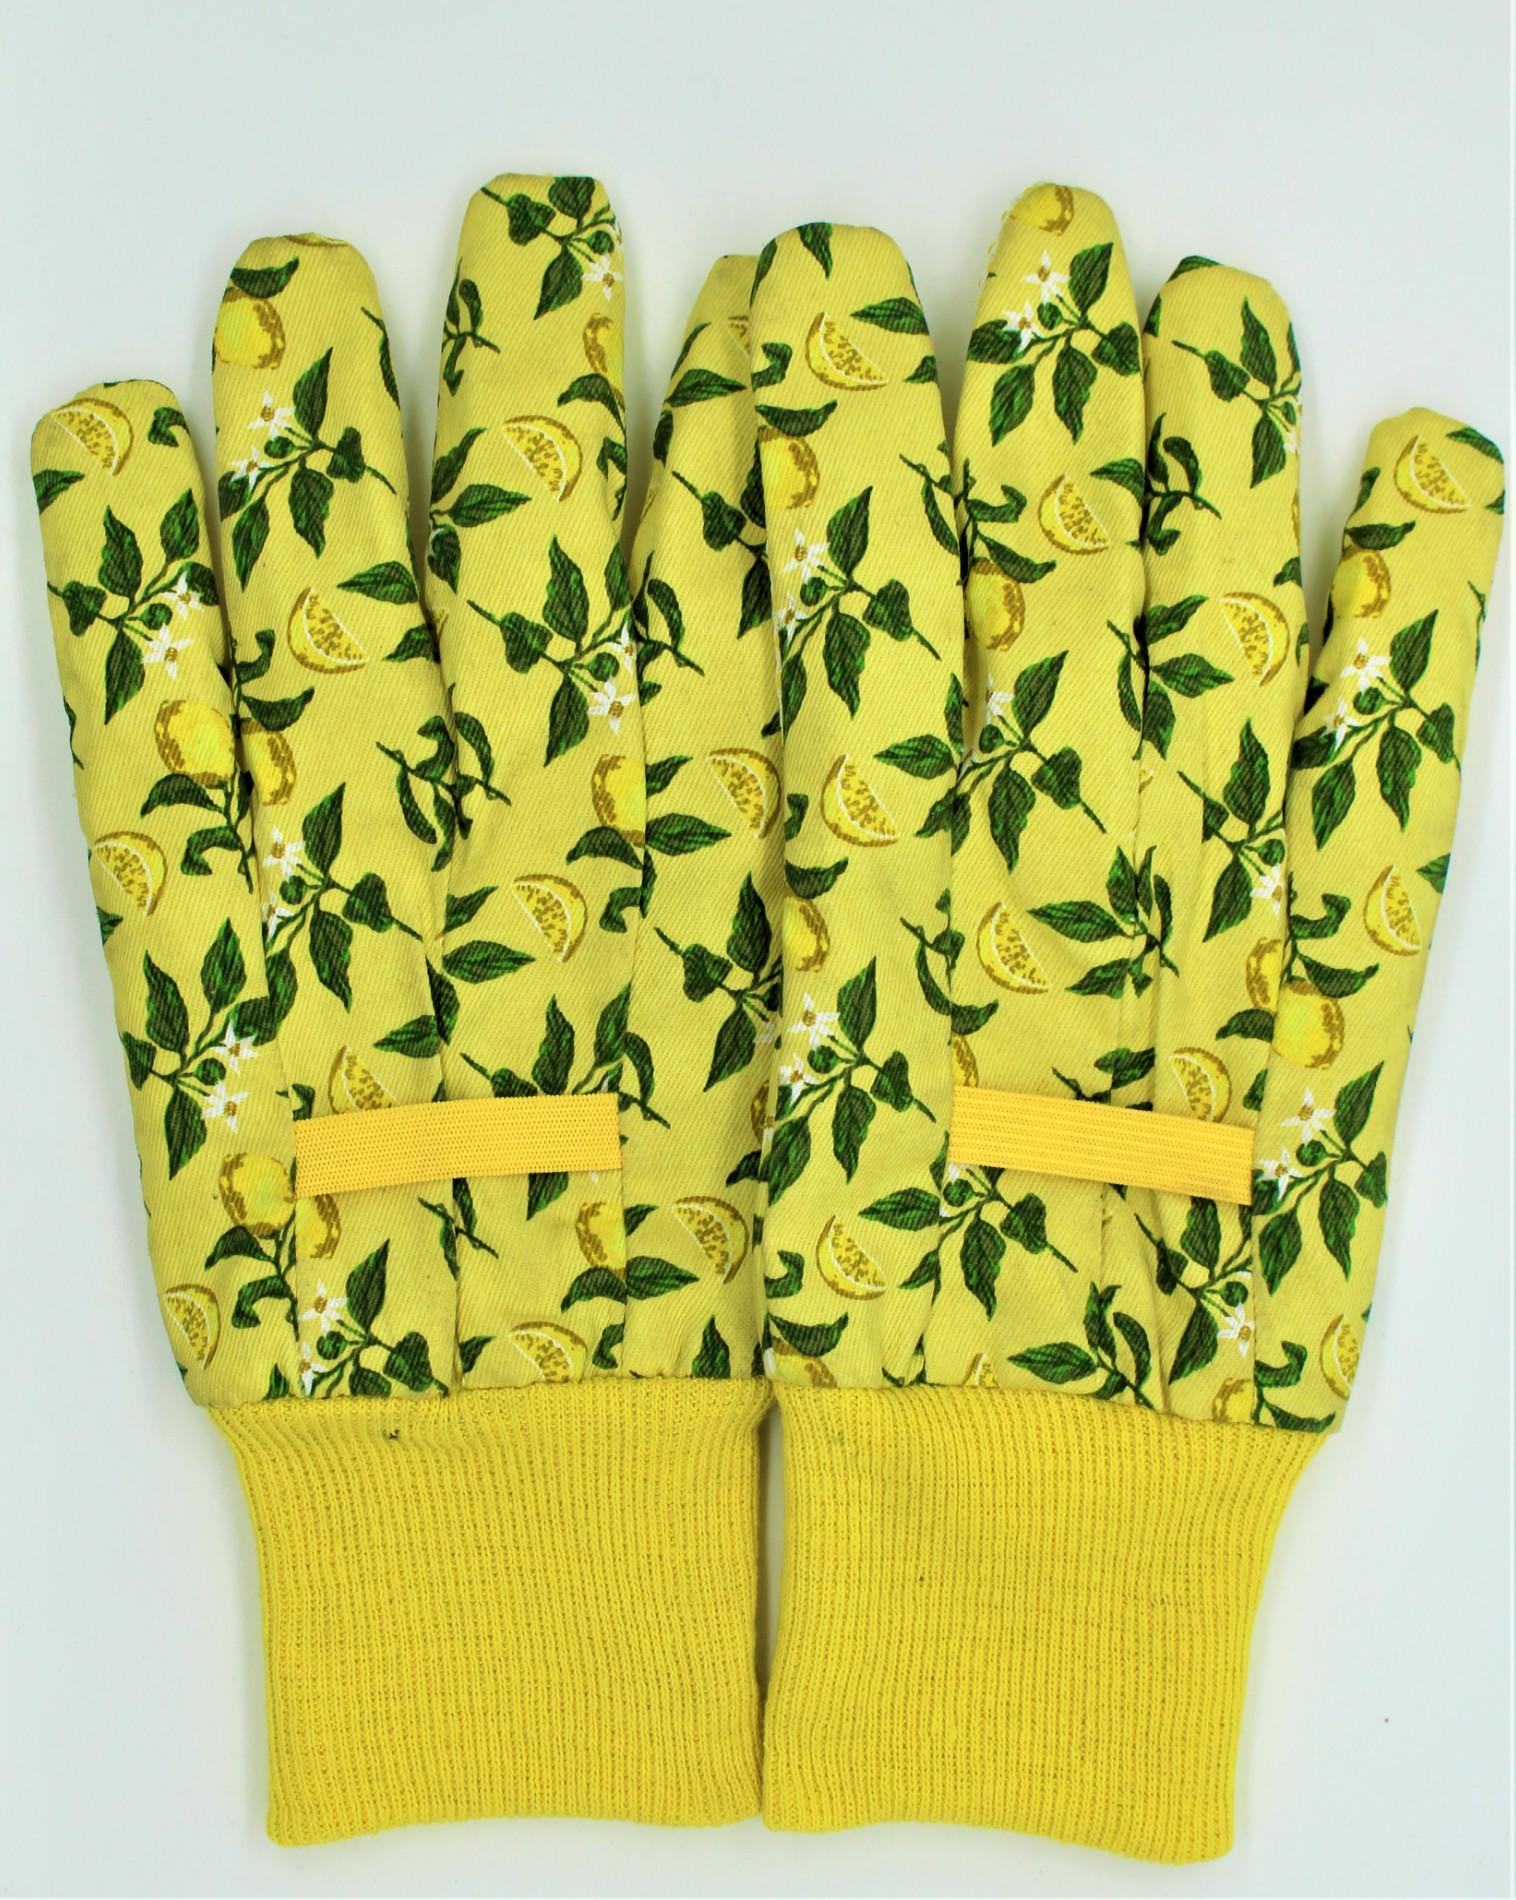 Koop Lemon Leaf Garden Gloves. Lemon Leaf Garden Gloves Prijzen. Lemon Leaf Garden Gloves Brands. Lemon Leaf Garden Gloves Fabrikant. Lemon Leaf Garden Gloves Quotes. Lemon Leaf Garden Gloves Company.